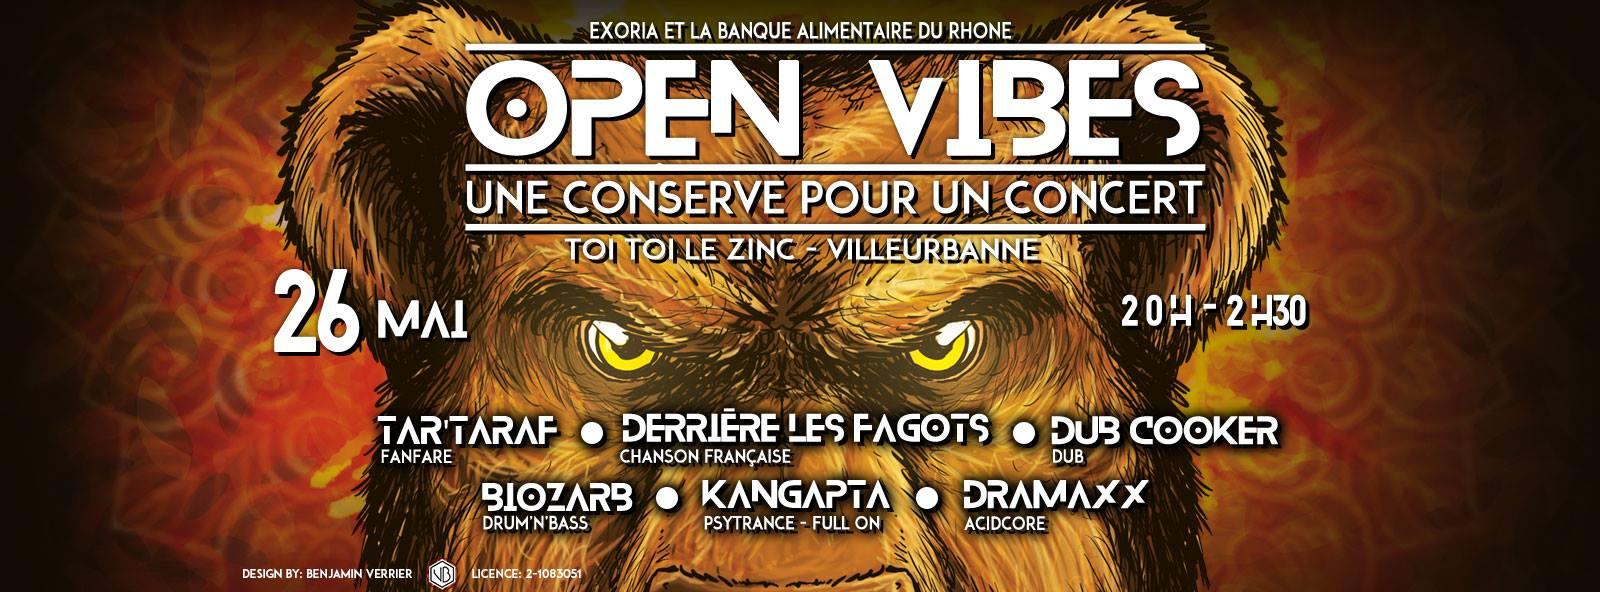 Open Vibes une conserve pour un concert